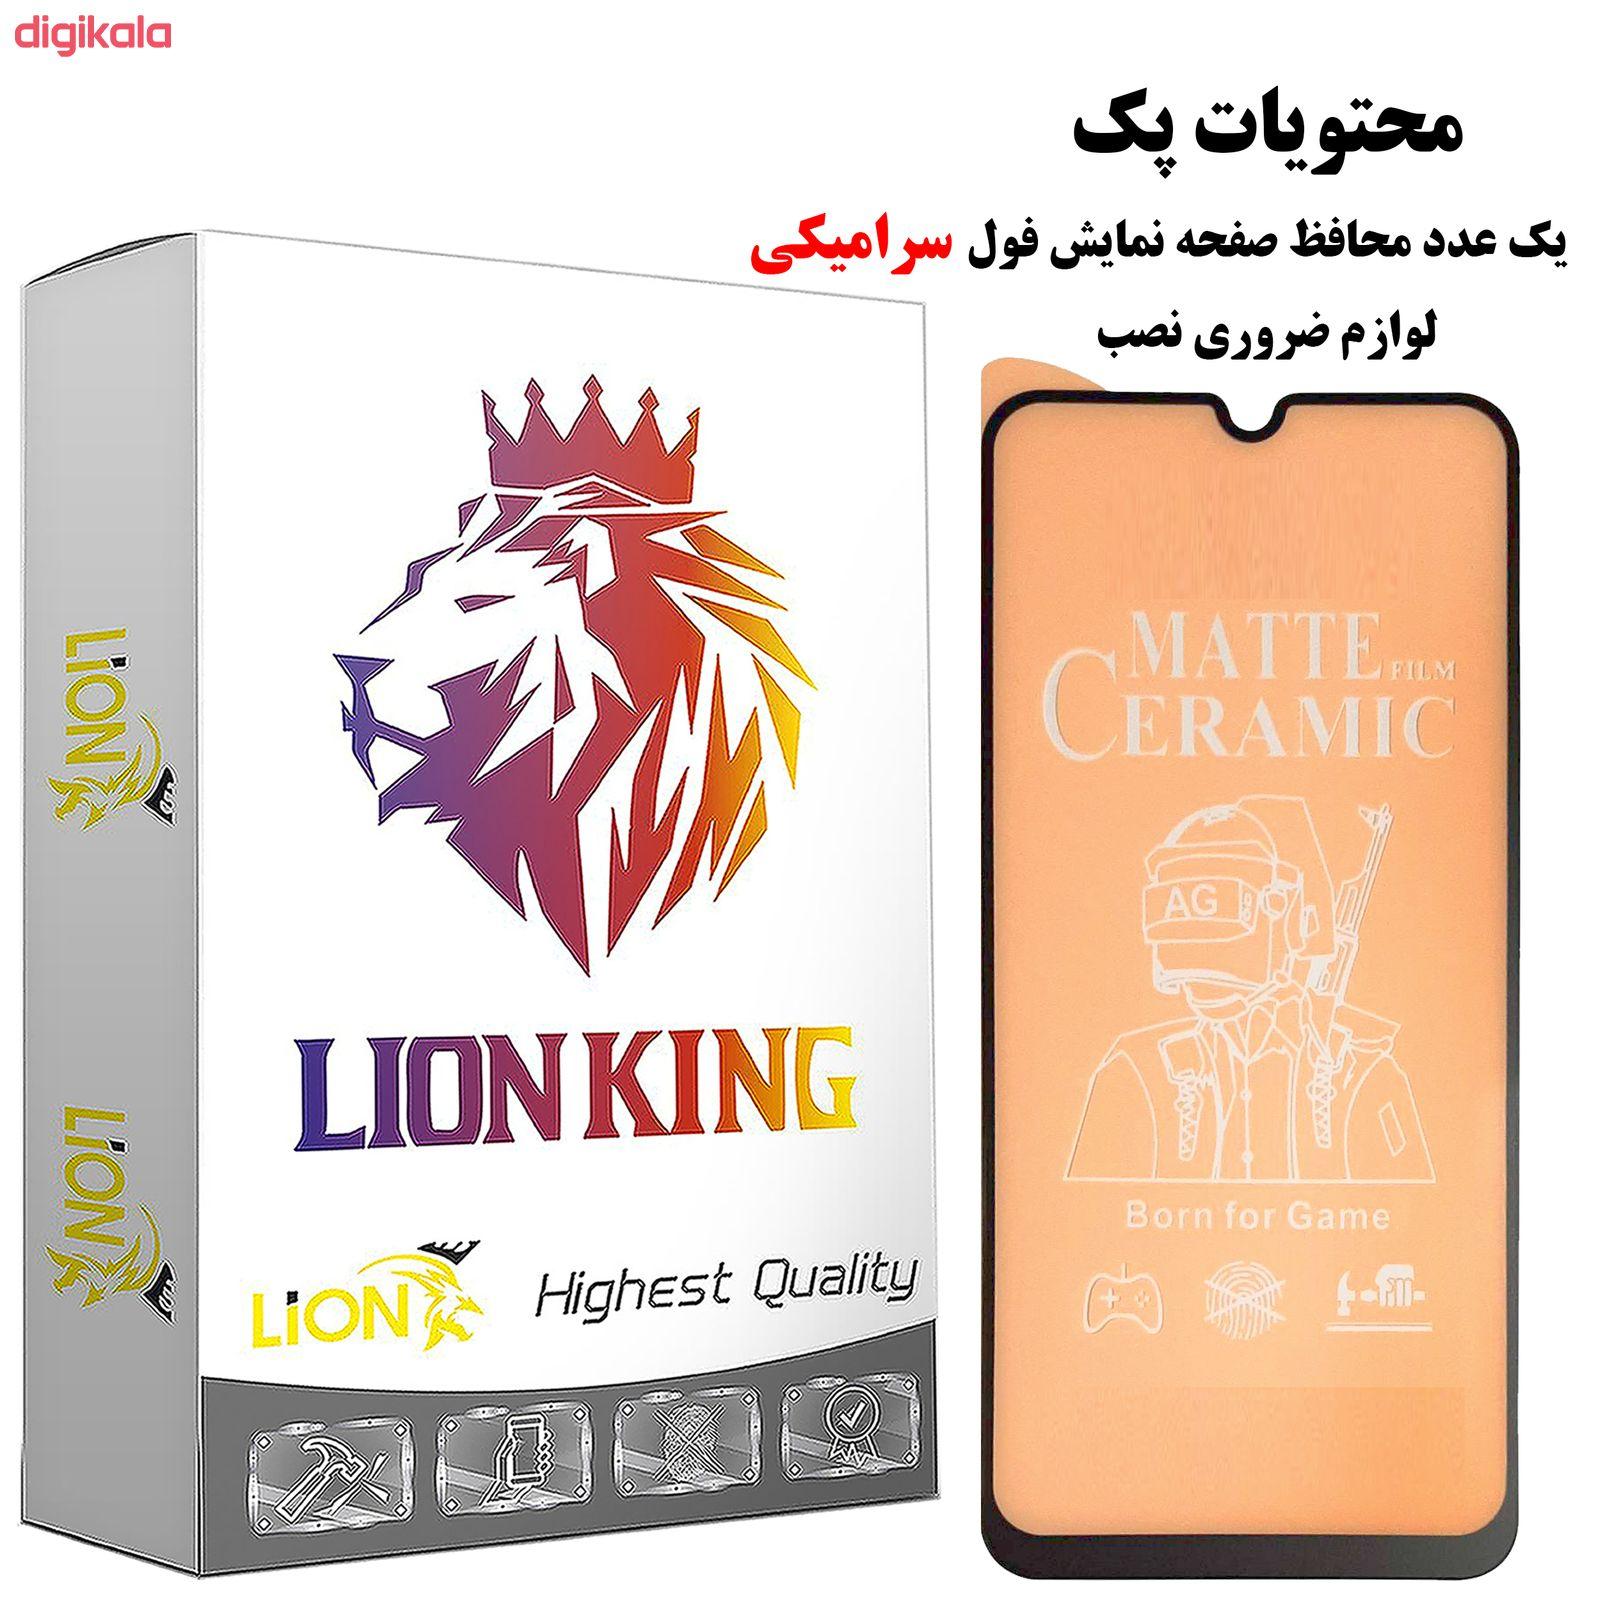 محافظ صفحه نمایش مات لاین کینگ مدل LKFCM مناسب برای گوشی موبایل شیائومی Redmi Note 8 Pro main 1 1